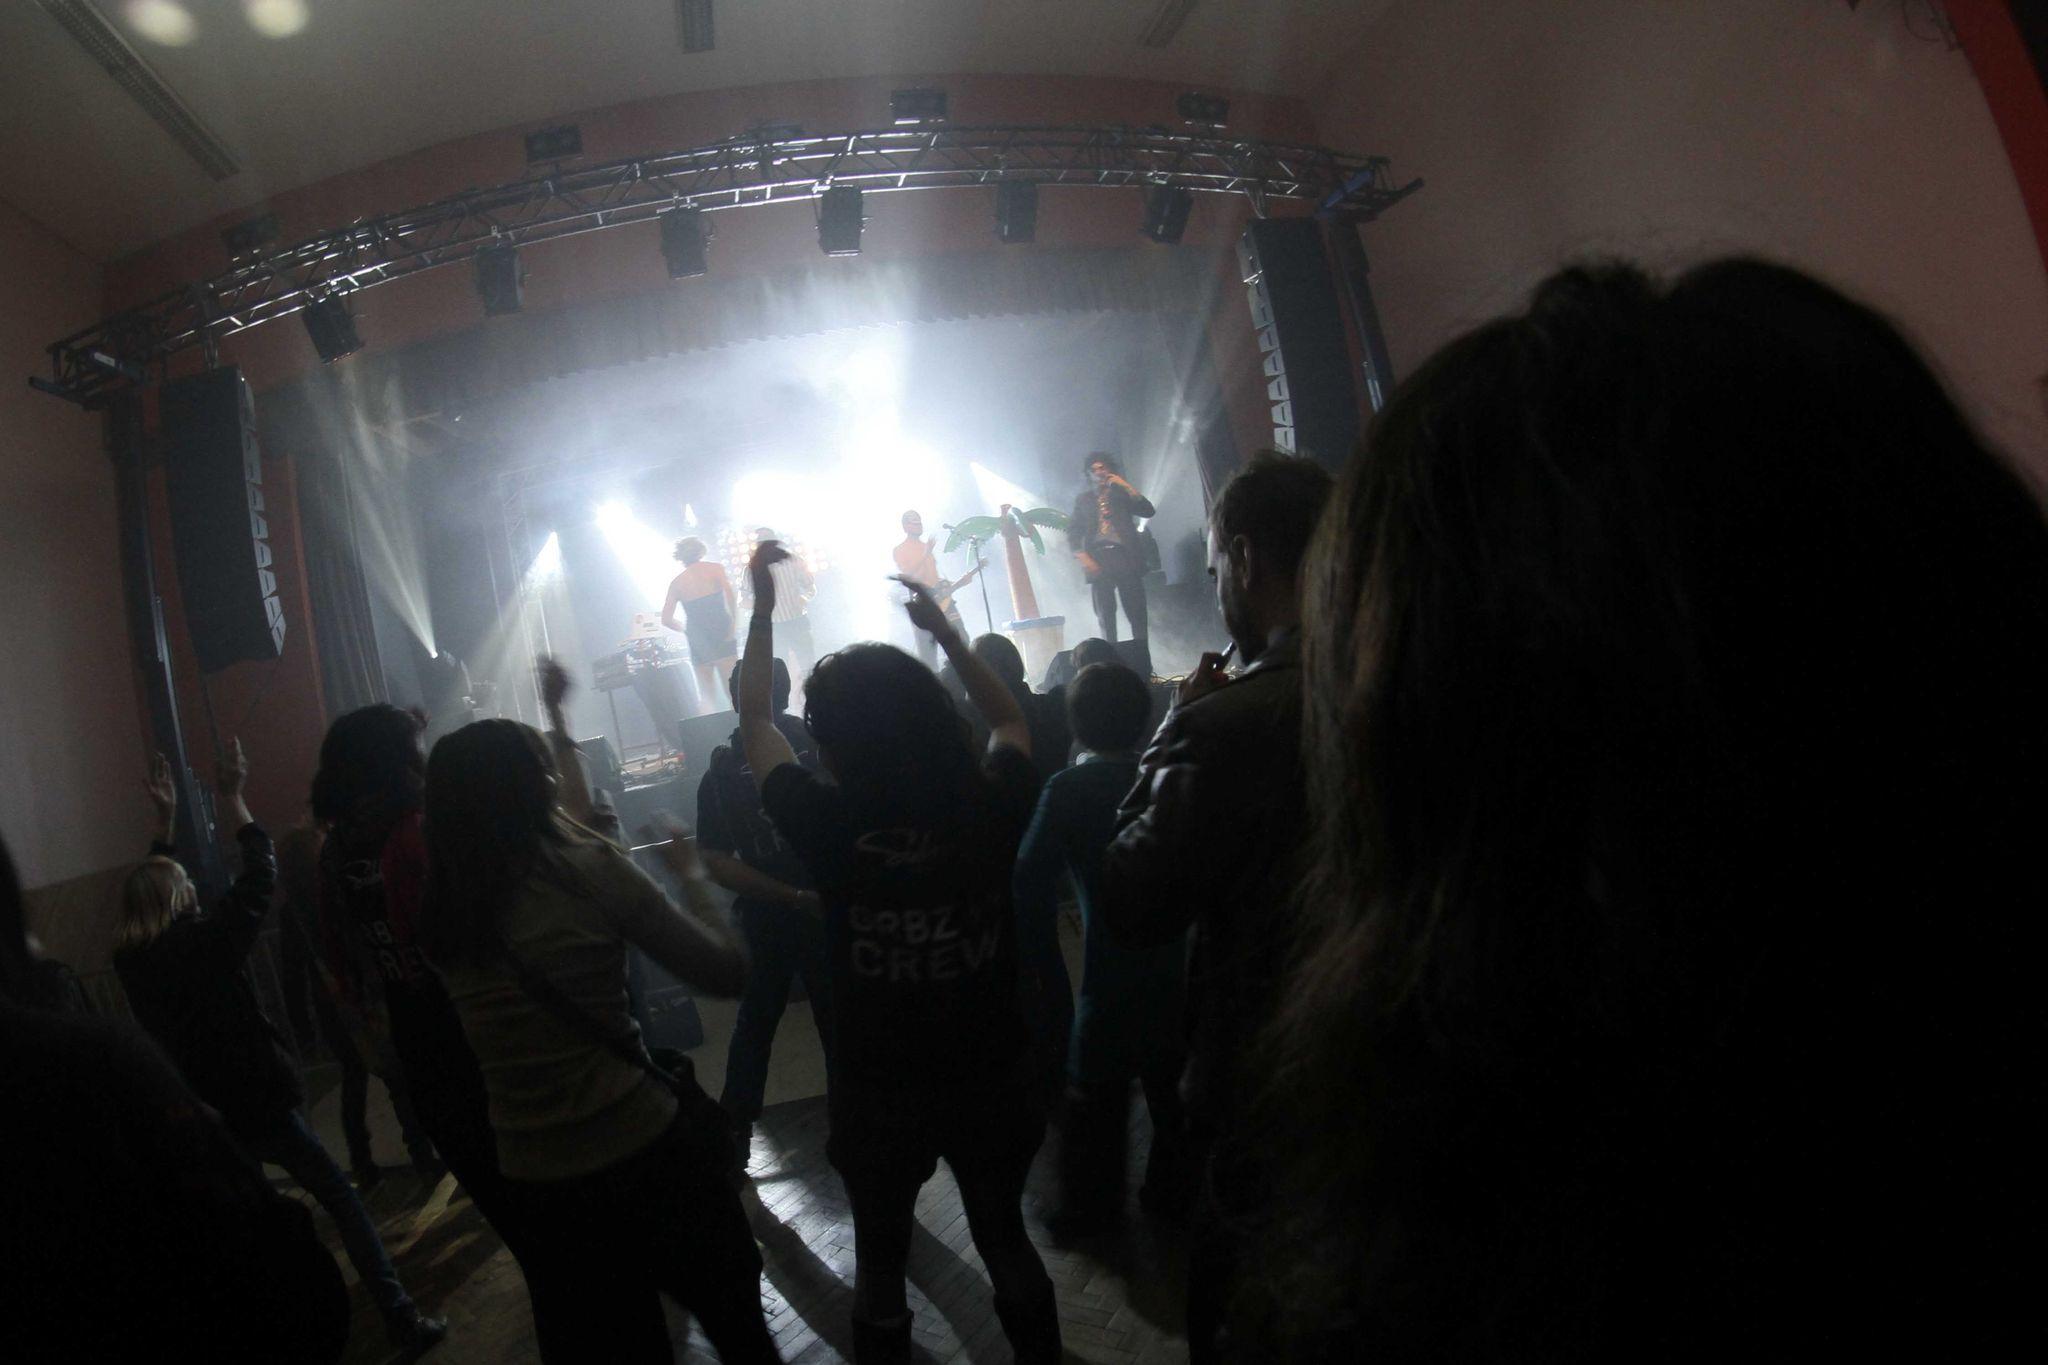 LosCatchos-GrandBazarFestival-LeNouvion-2013-72